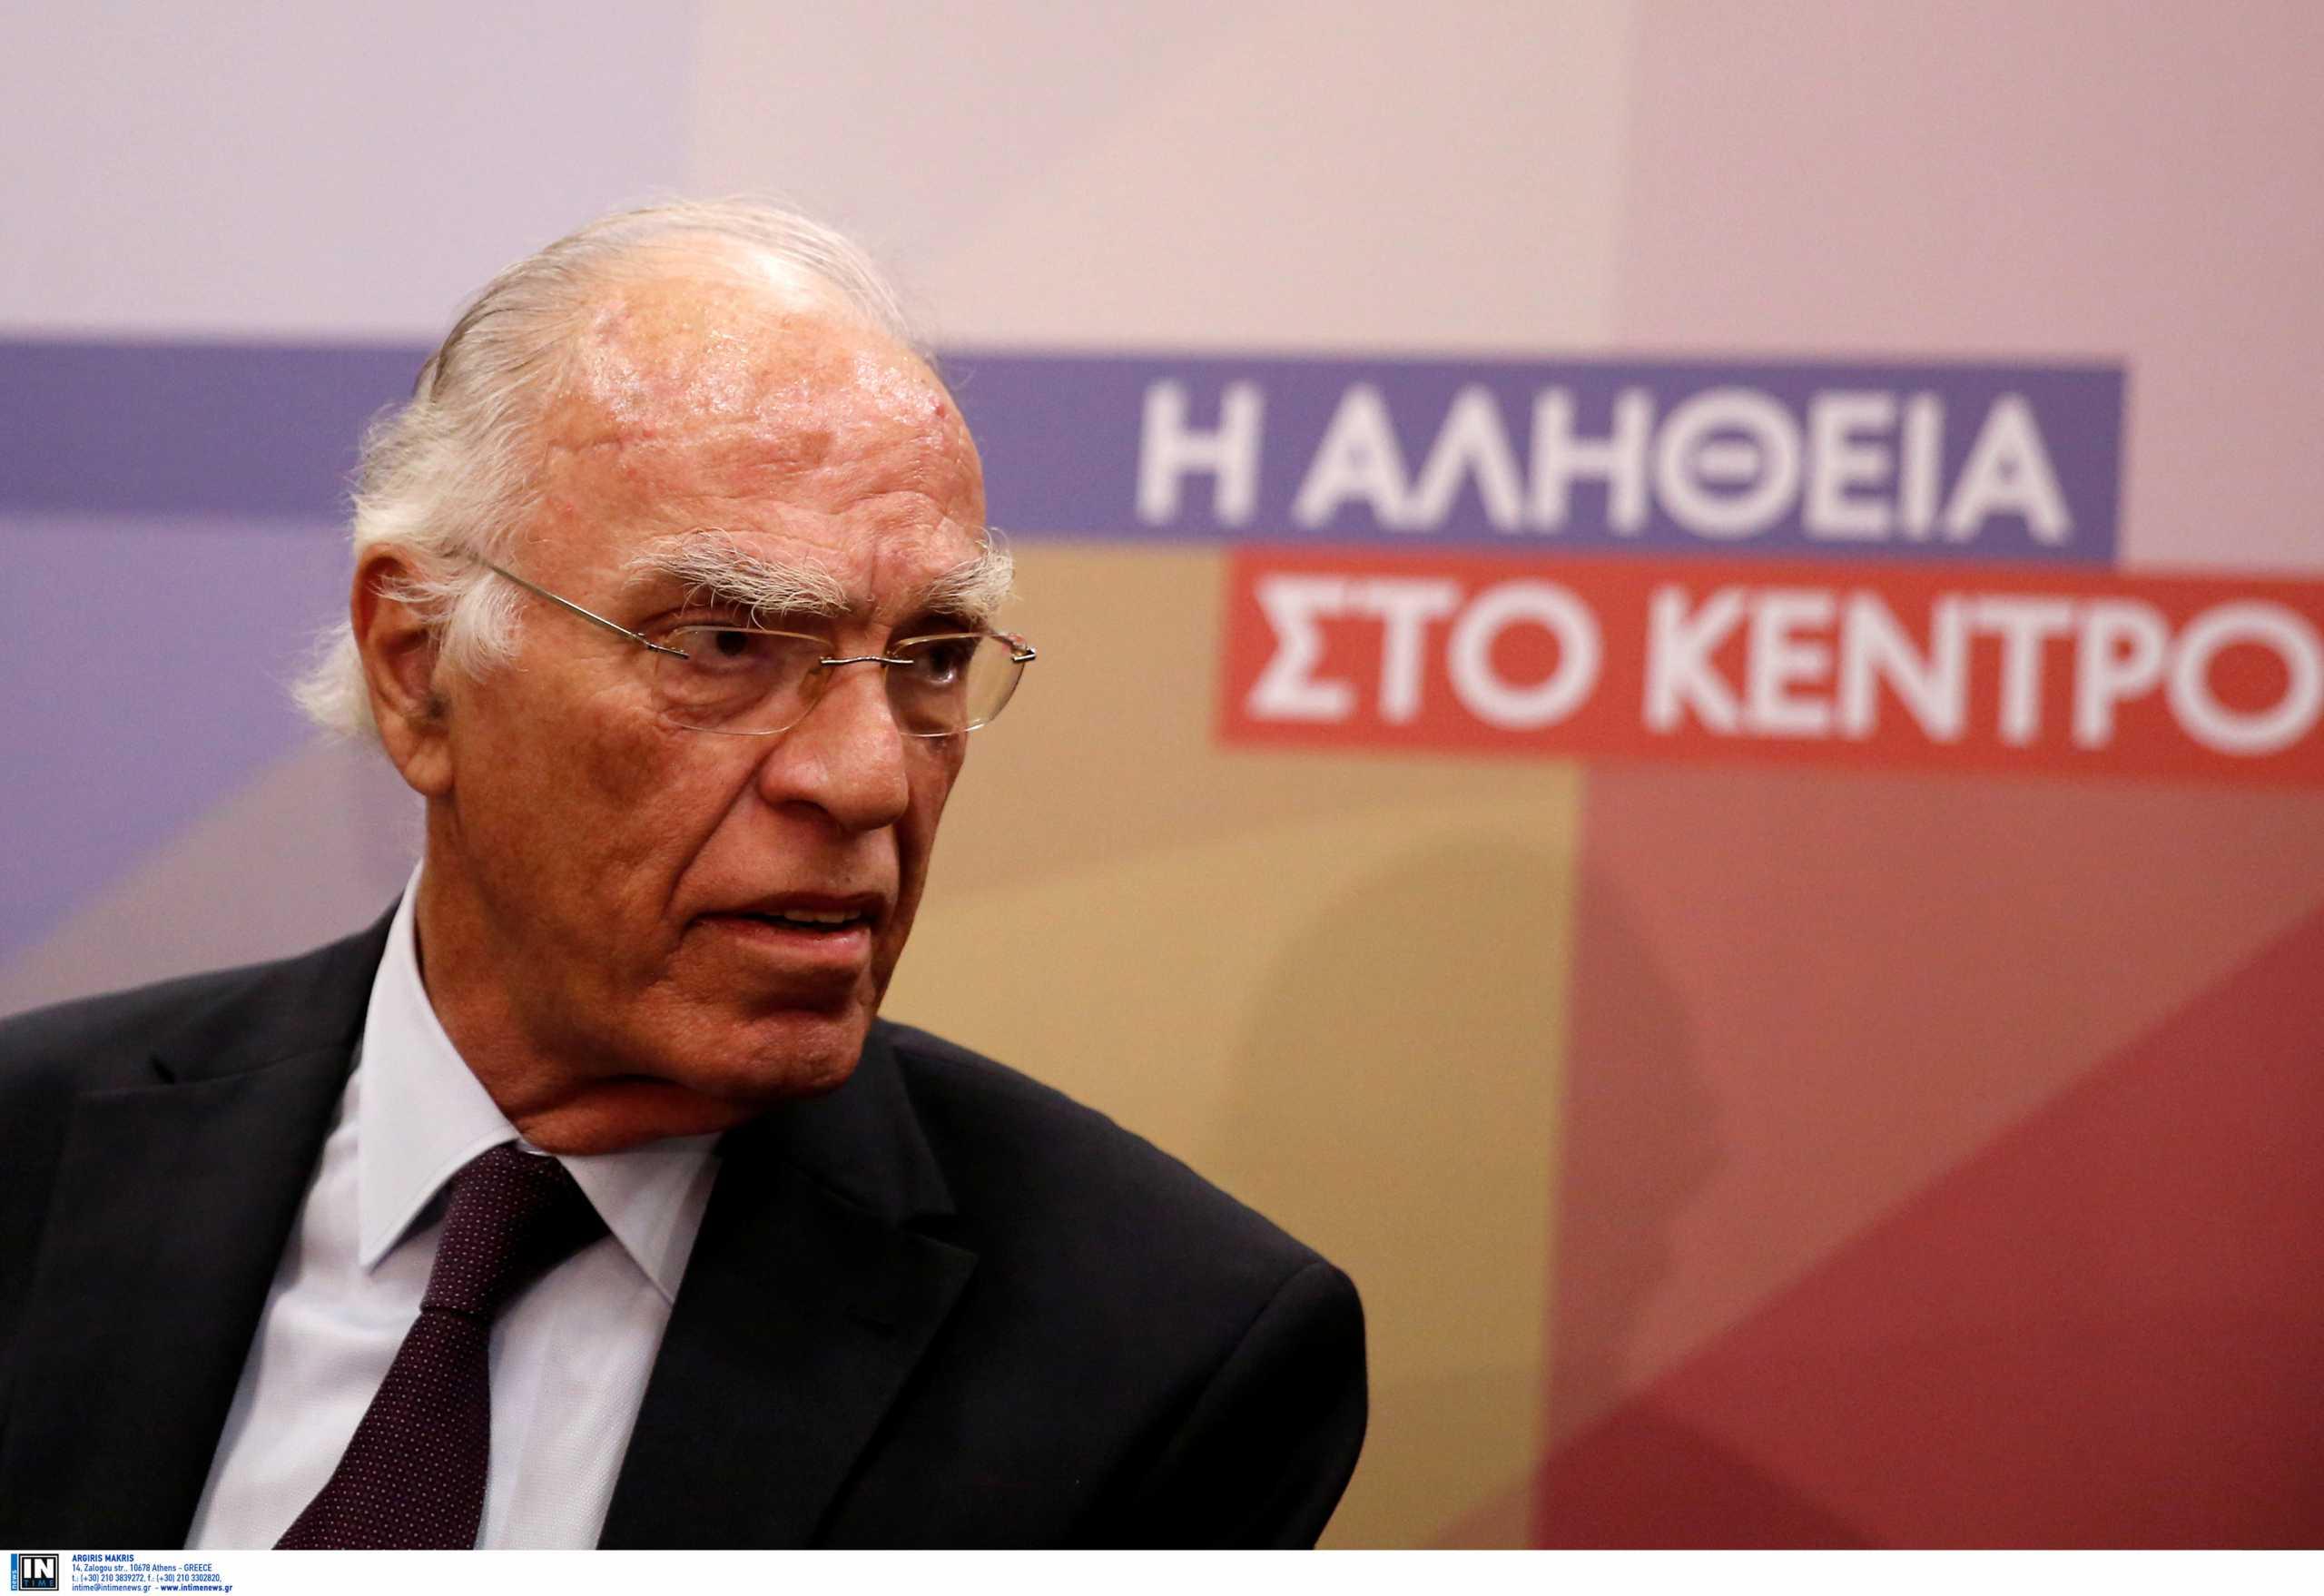 Βασίλης Λεβέντης: Διασωληνώθηκε ξανά ο Πρόεδρος της Ένωσης Κεντρώων